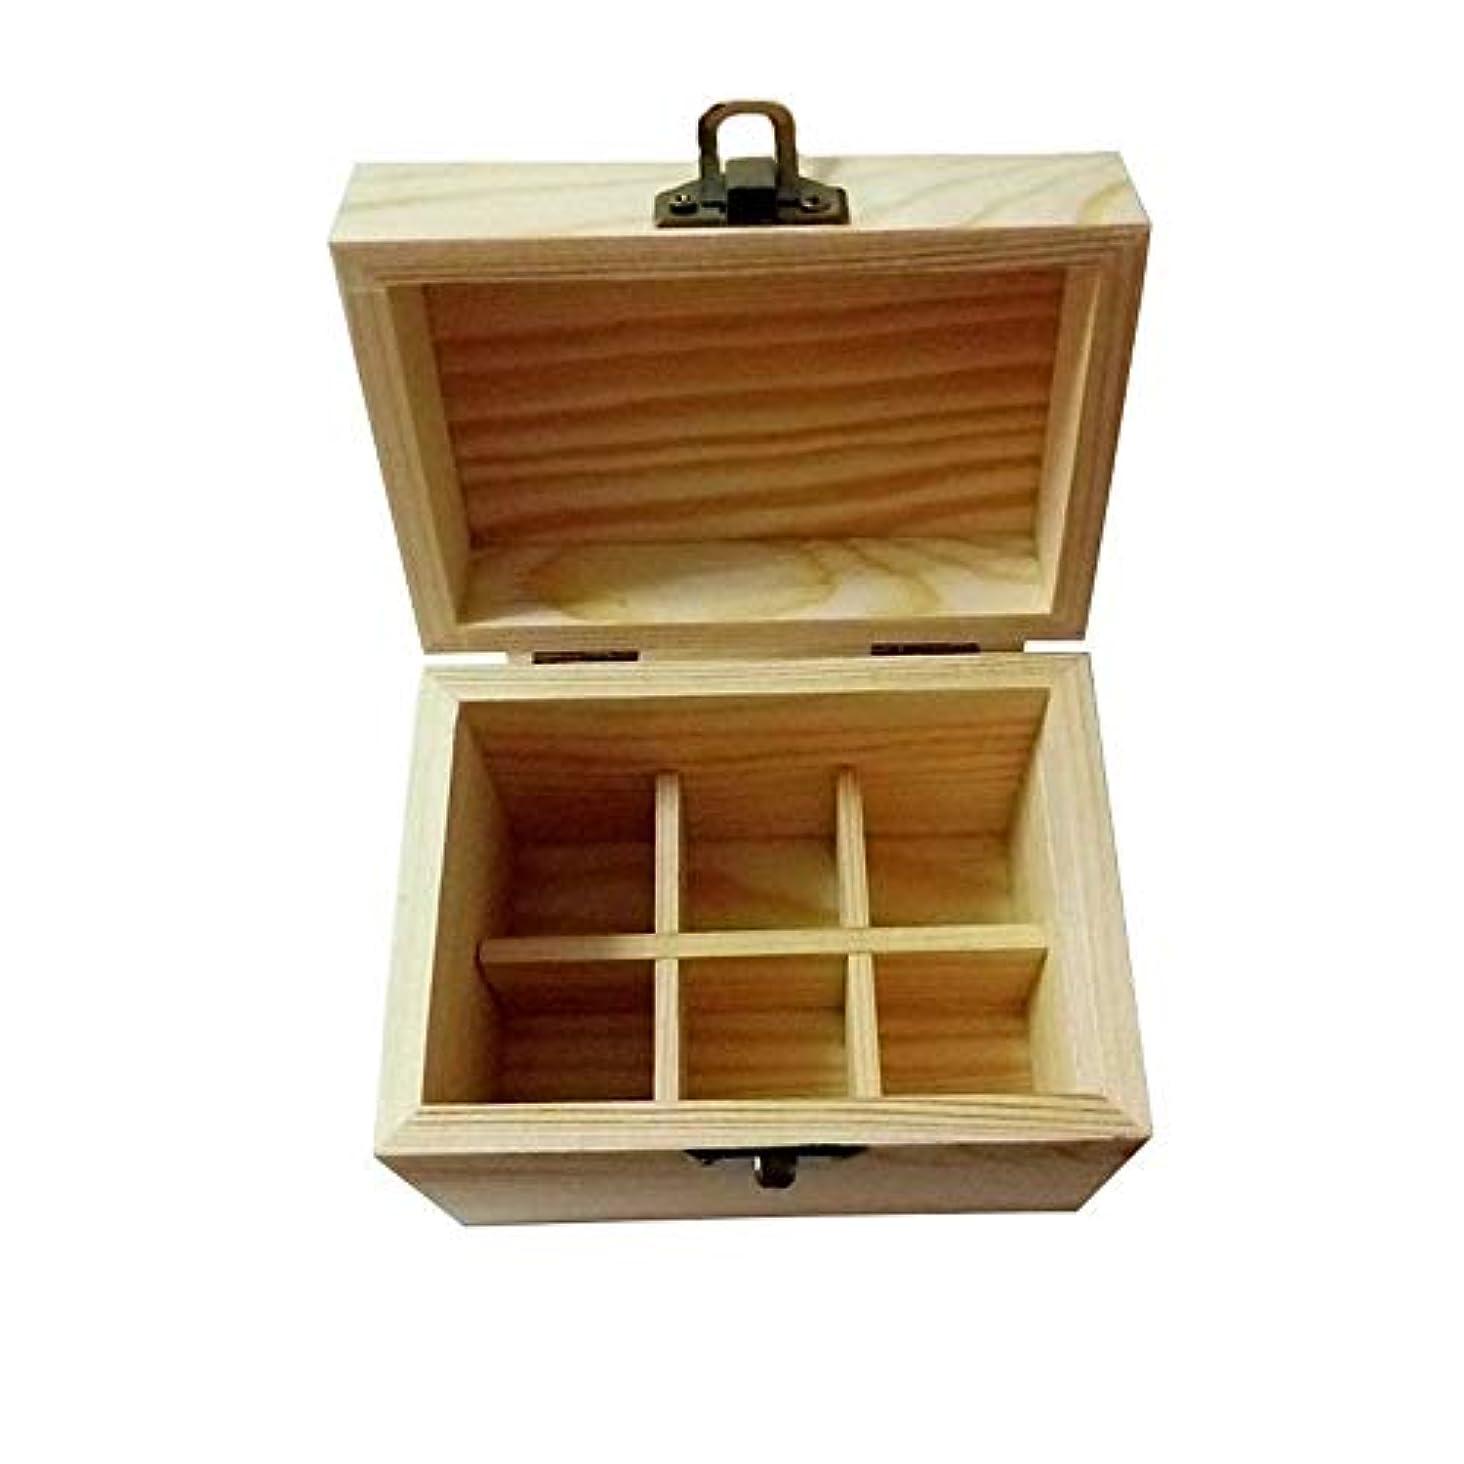 説明する手を差し伸べる修正エッセンシャルオイルストレージボックス エッセンシャルオイルストレージボックスケース木製??の主催者は6本のキャリングセーフボトルやホームストレージの表示を保持します 旅行およびプレゼンテーション用 (色 : Natural, サイズ : 11.5X8X9.5CM)